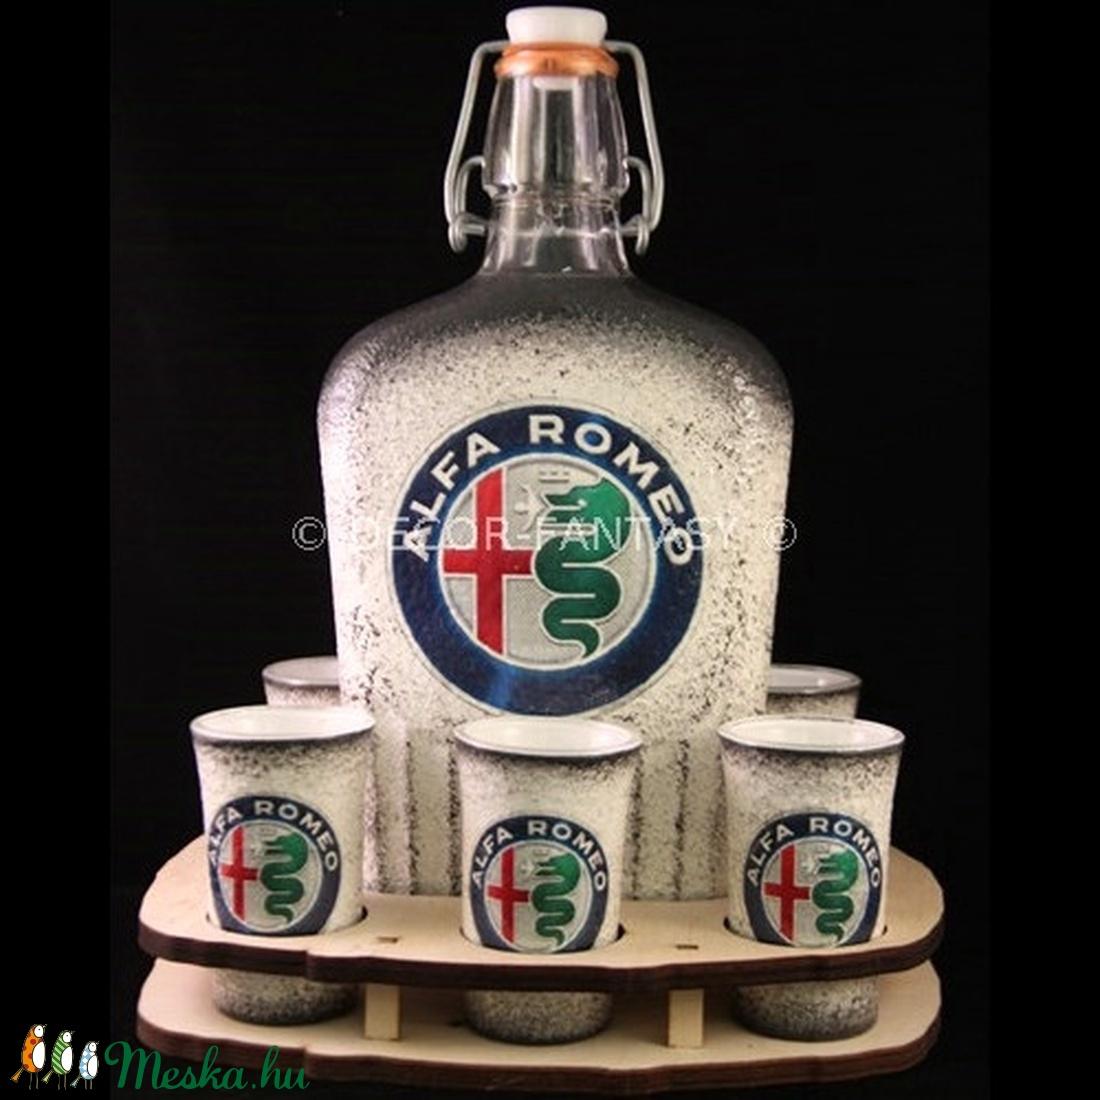 ALFA-ROMEO  emblémával díszített nagy pálinkás szett ( 0,5 l üveg + 6x45ml pohár + tartó )  (decorfantasy) - Meska.hu